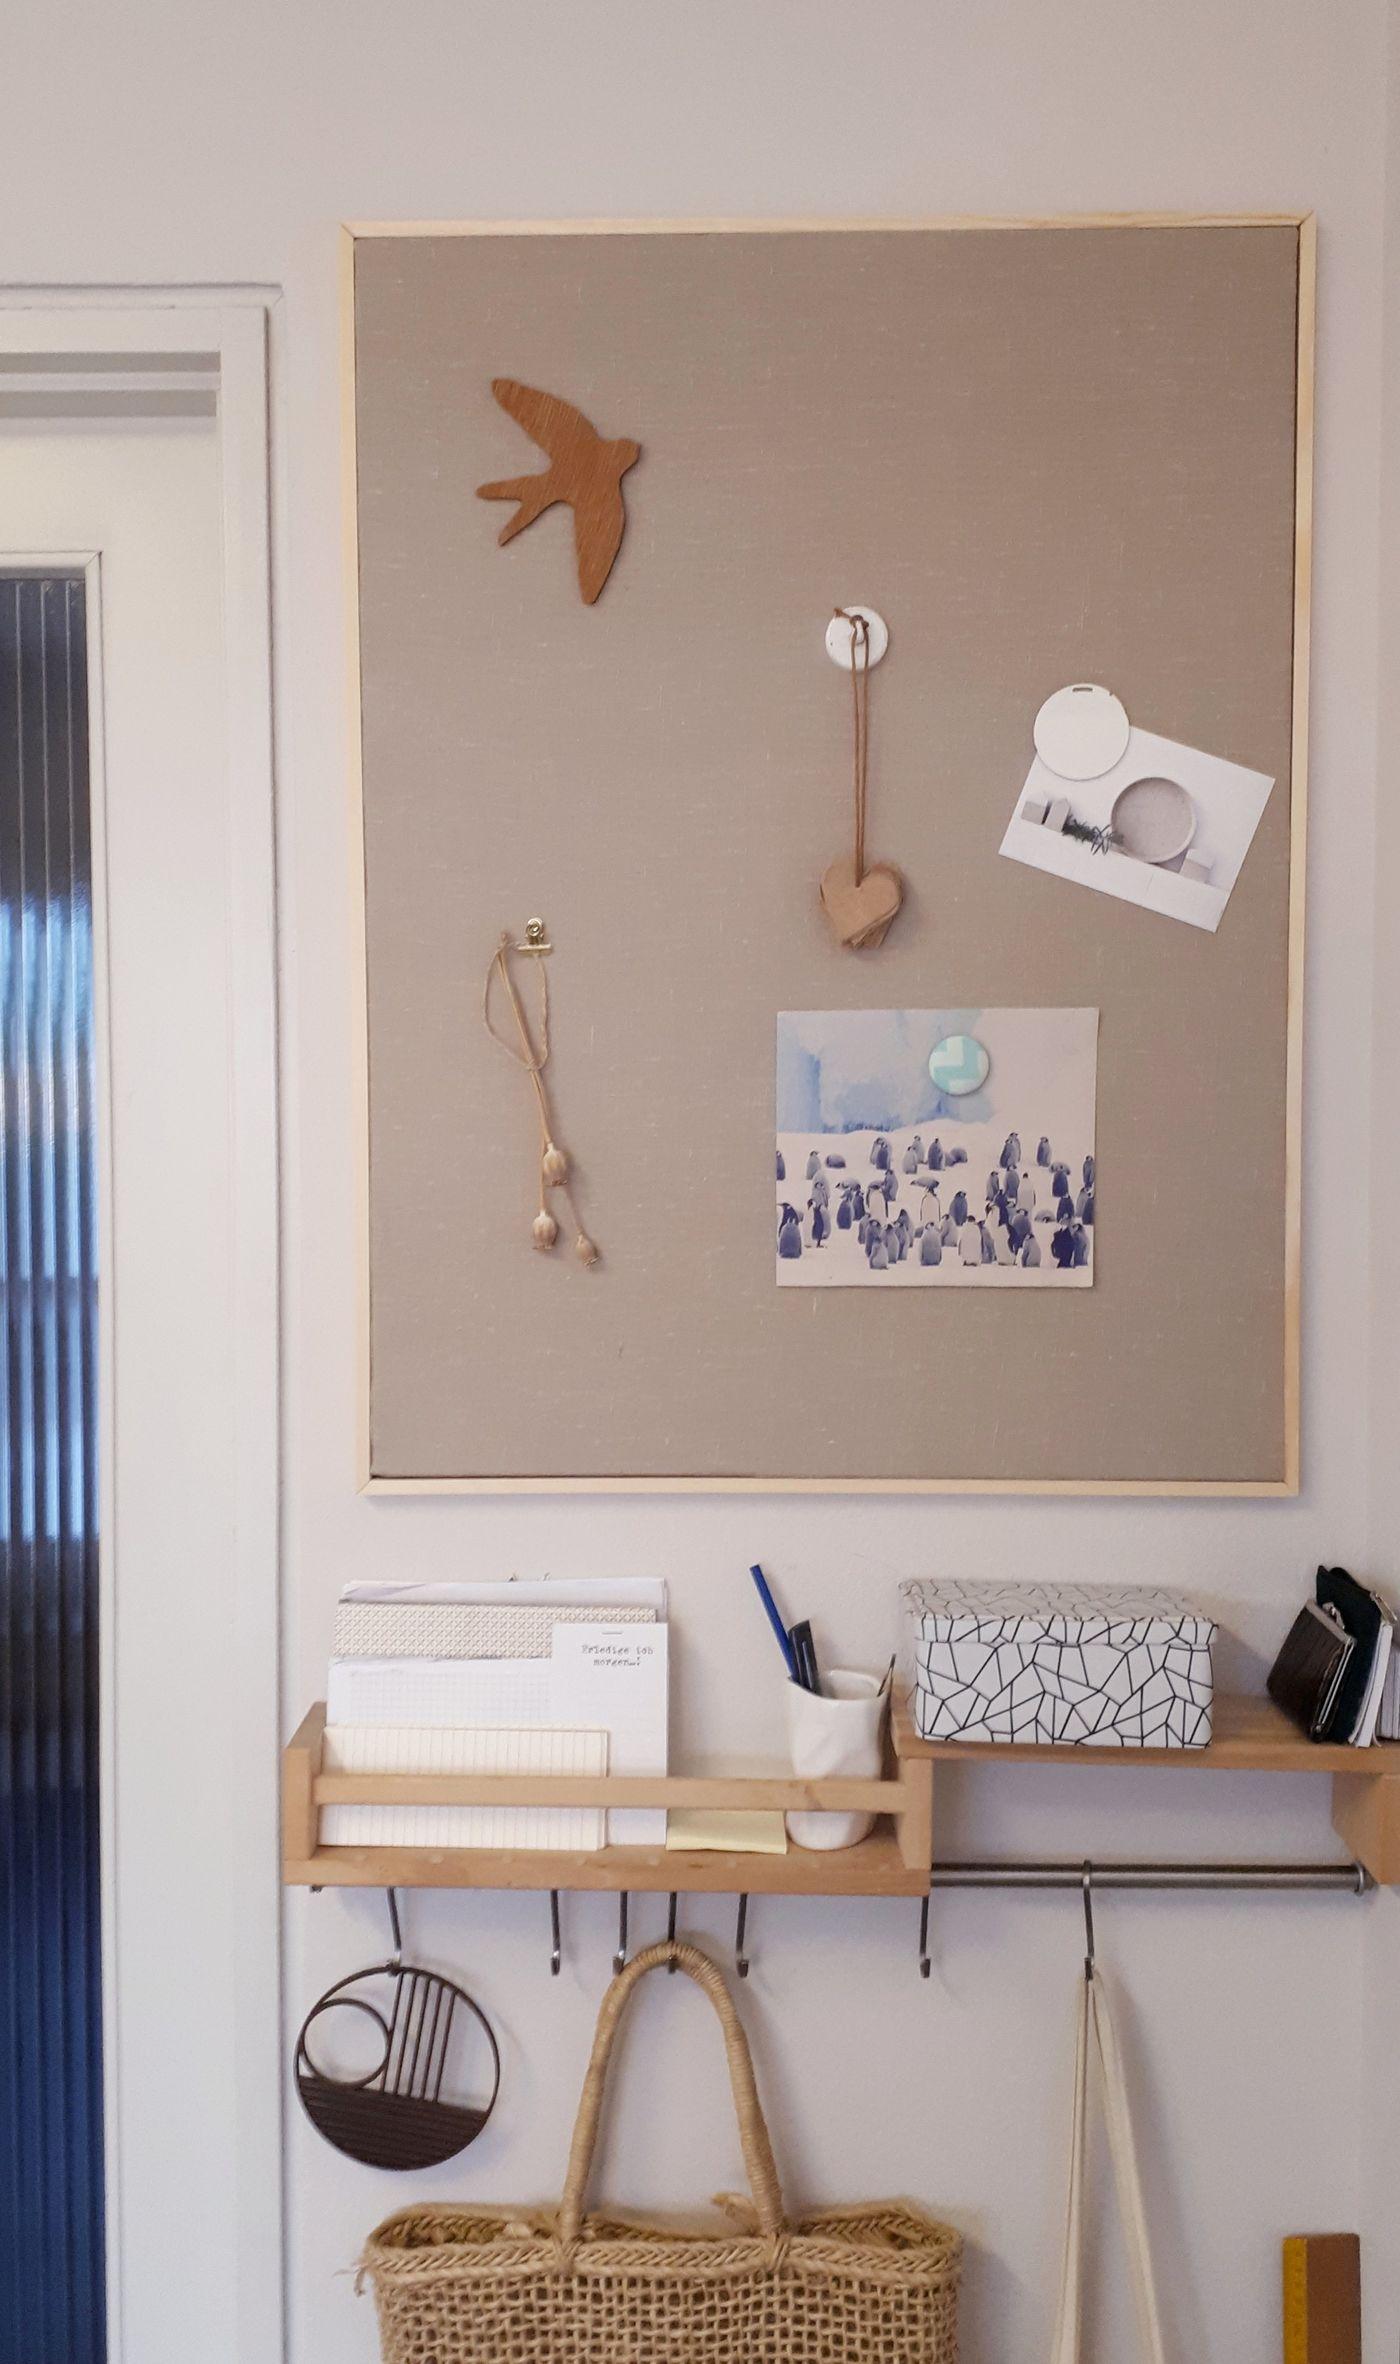 Full Size of Eine Pinnwand Selber Machen Und Deko Ideen Behindertengerechte Küche Stehhilfe Einbauküche Mit E Geräten Outdoor Kaufen Weiß Hochglanz Auf Raten Landhaus Wohnzimmer Pinnwand Küche